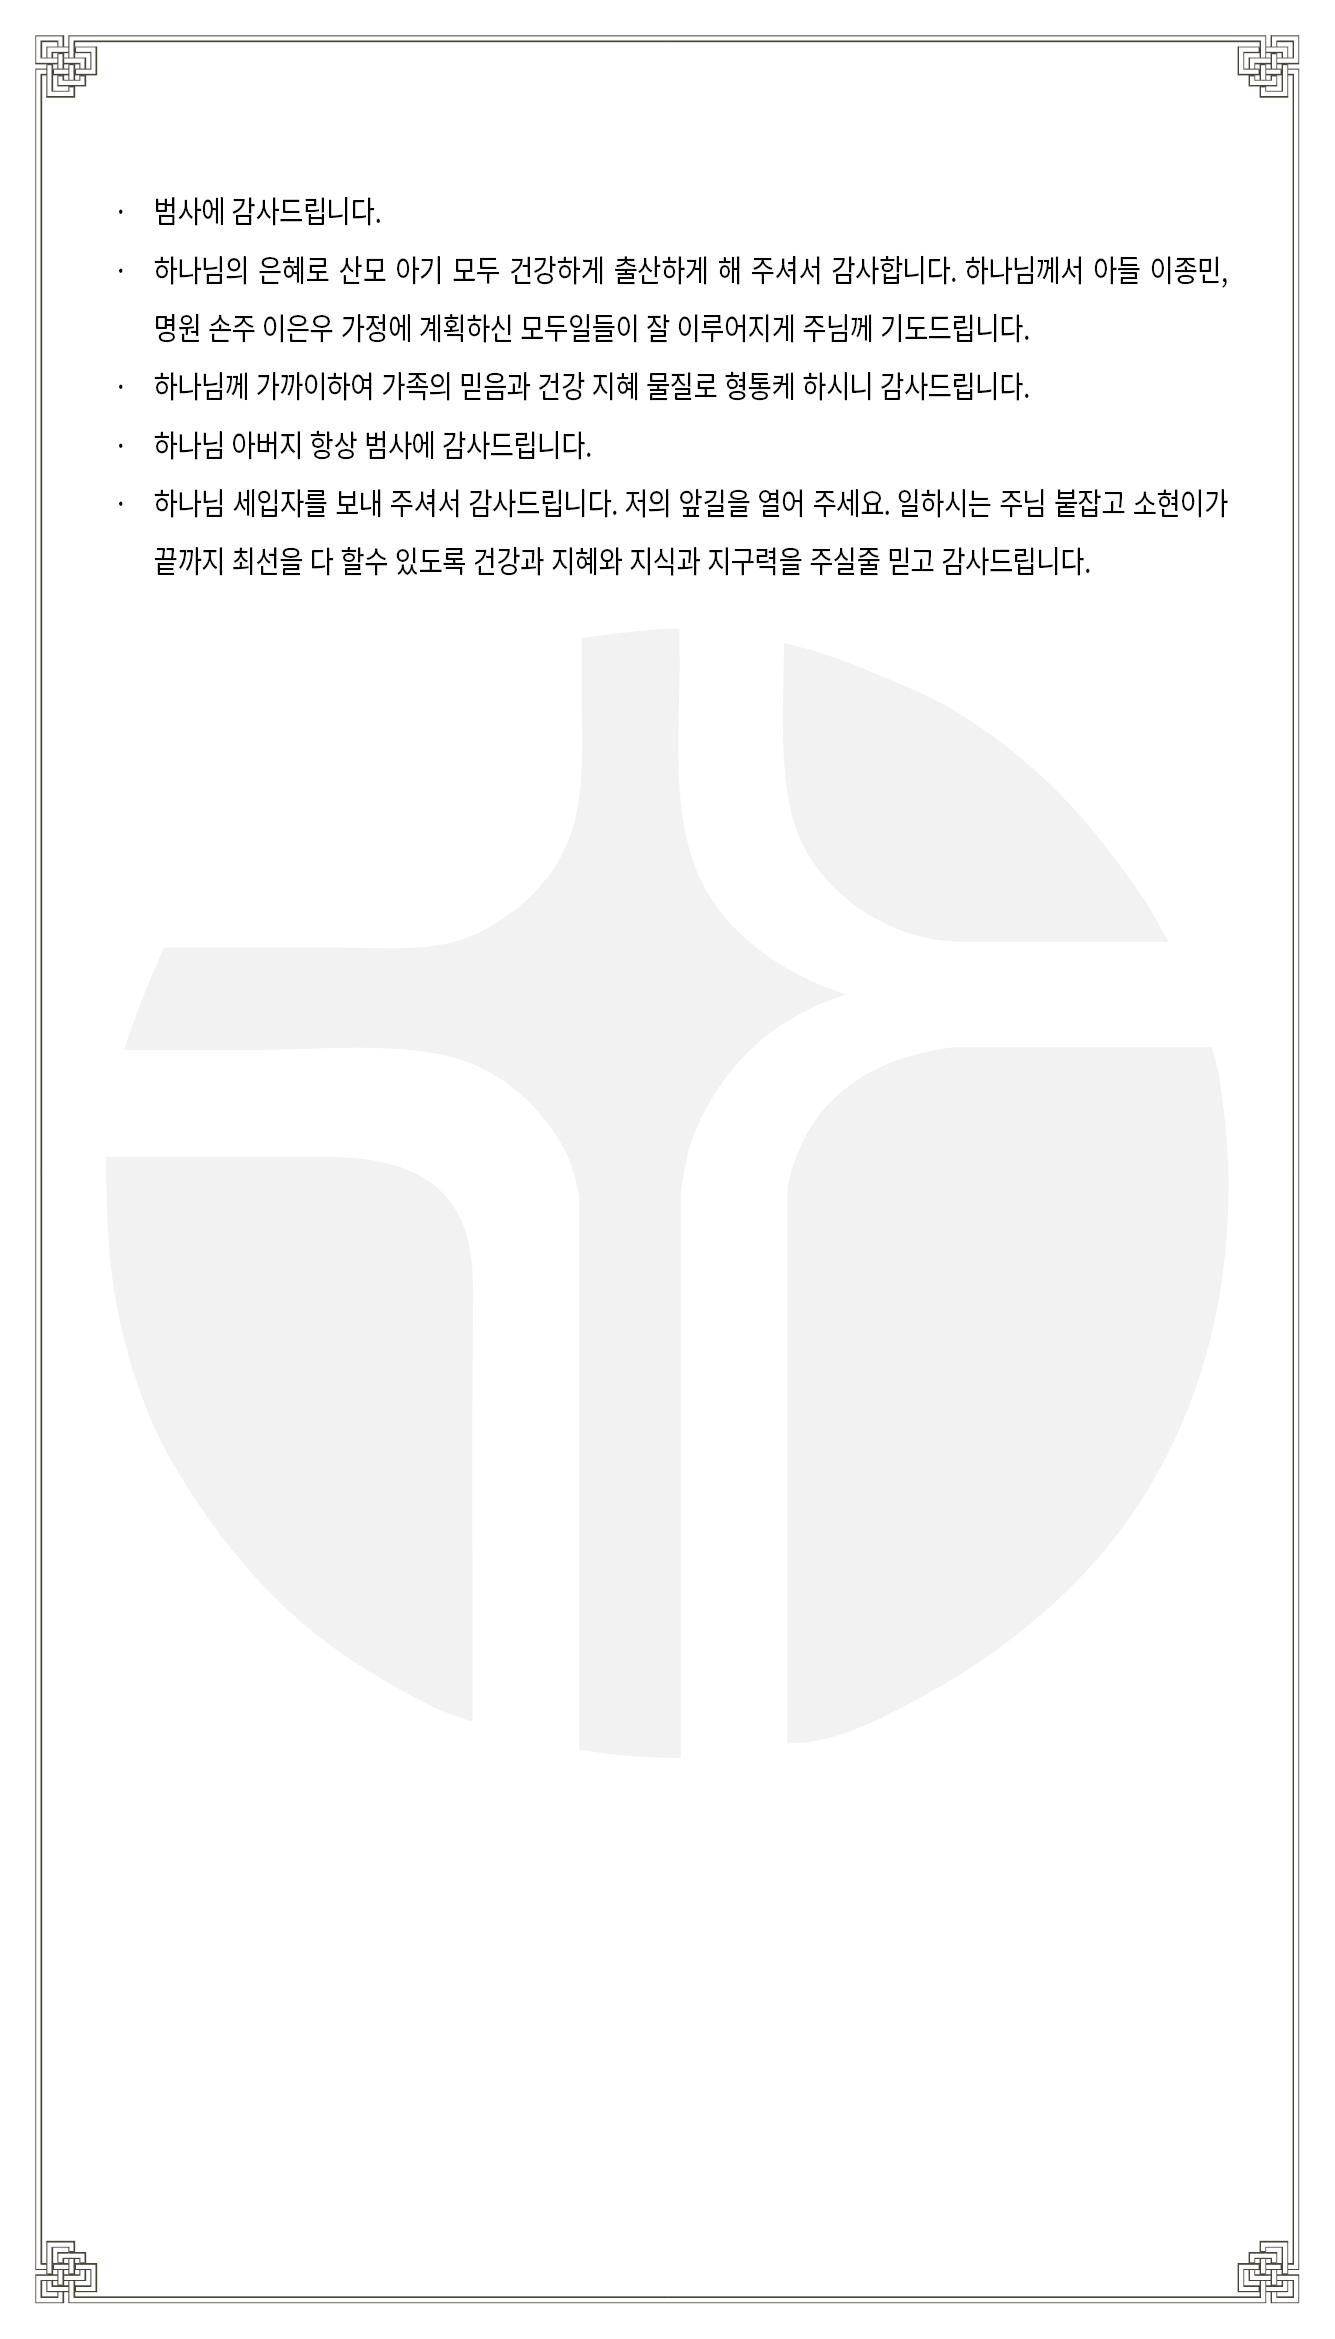 201129_기도제목2.jpg